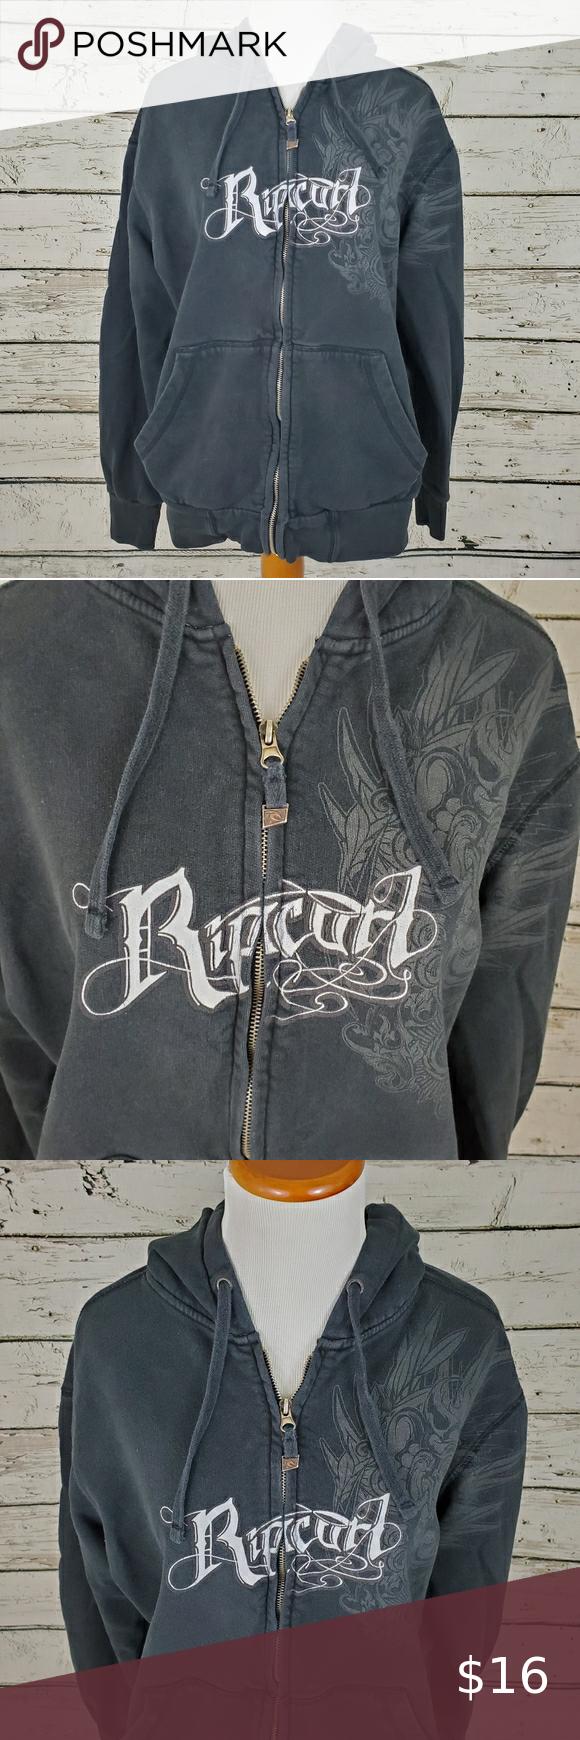 Rip Curl Black Zip Up Hoodie Sweatshirt Sweatshirts Hoodie Black Zip Ups Sweatshirts [ 1740 x 580 Pixel ]